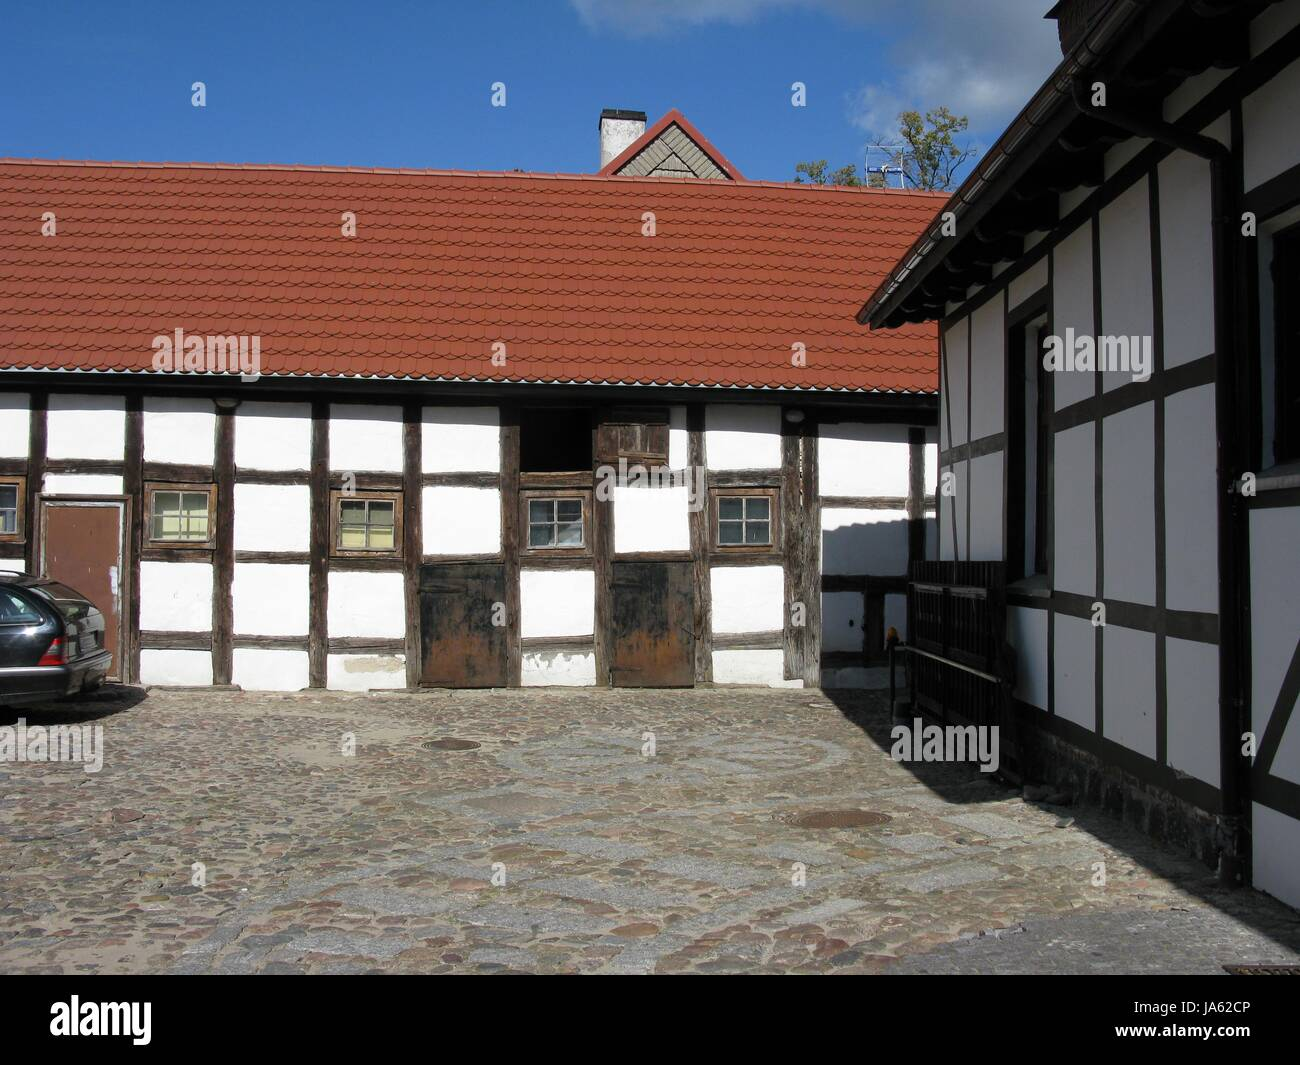 Haus, Gebäude, historische, Geschichte, Altstadt, Rahmen, Wand ...